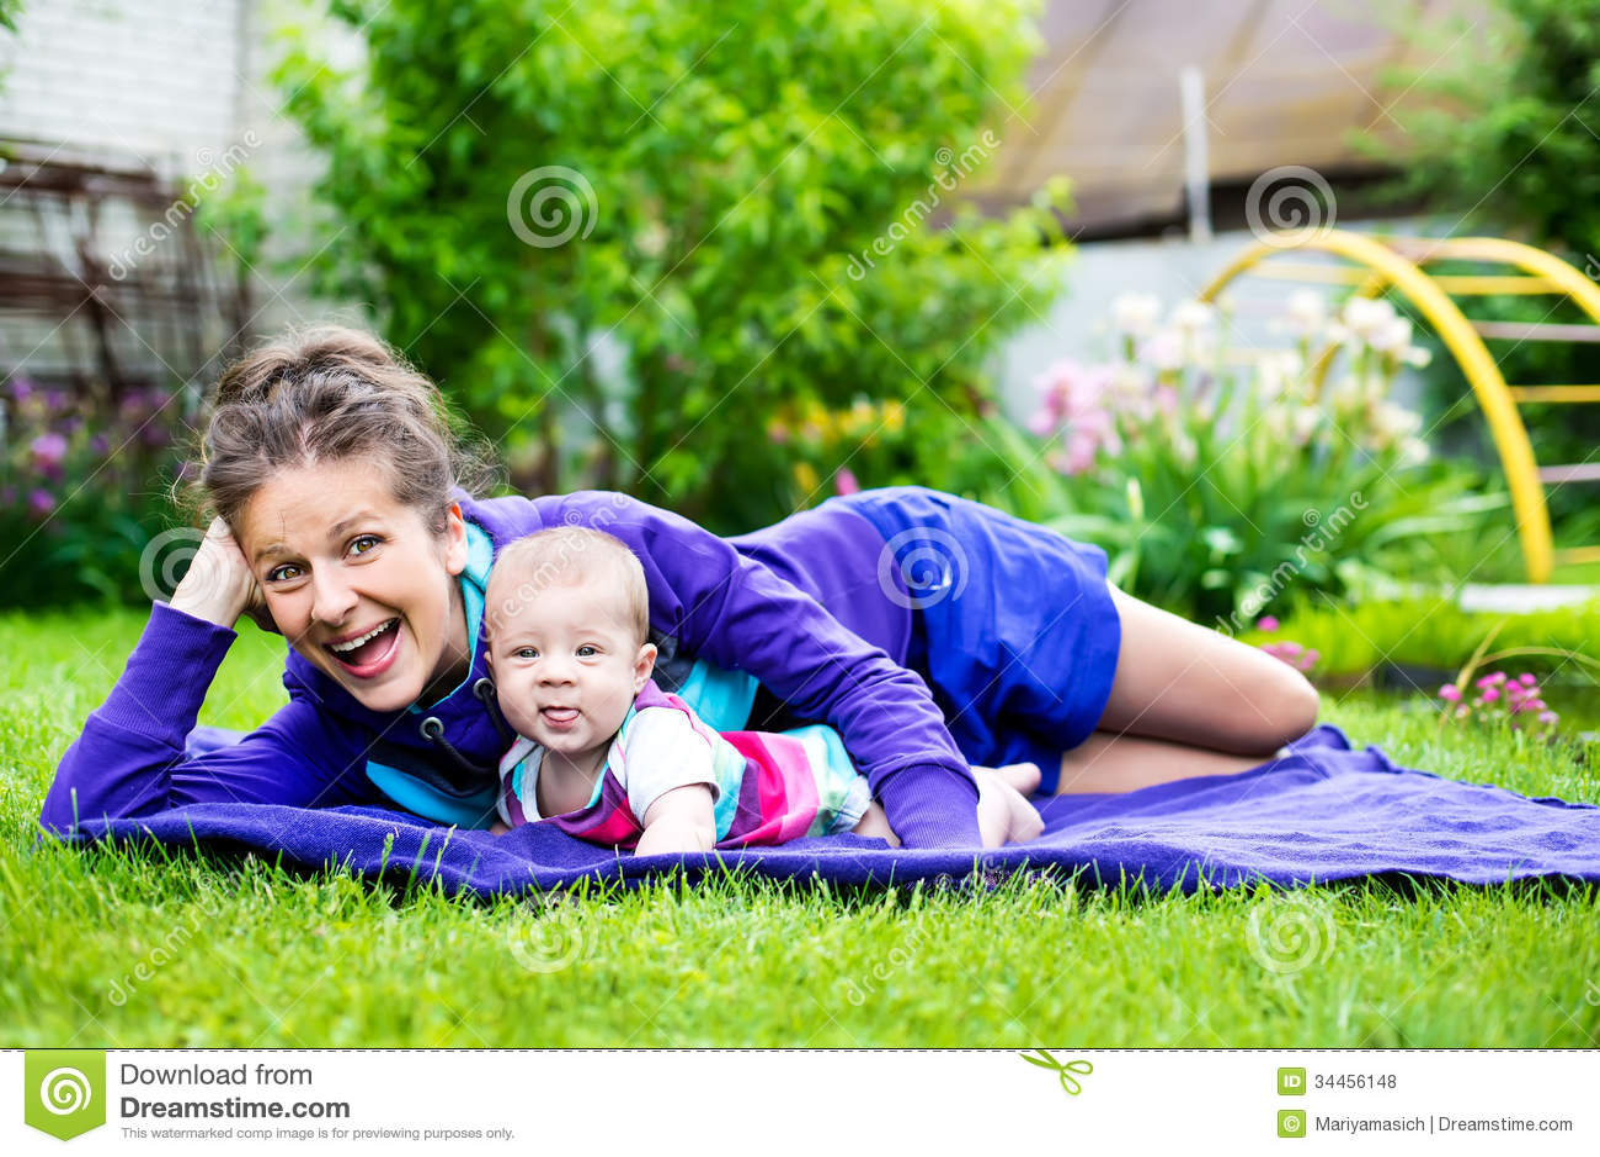 Glückliche Familienmomente